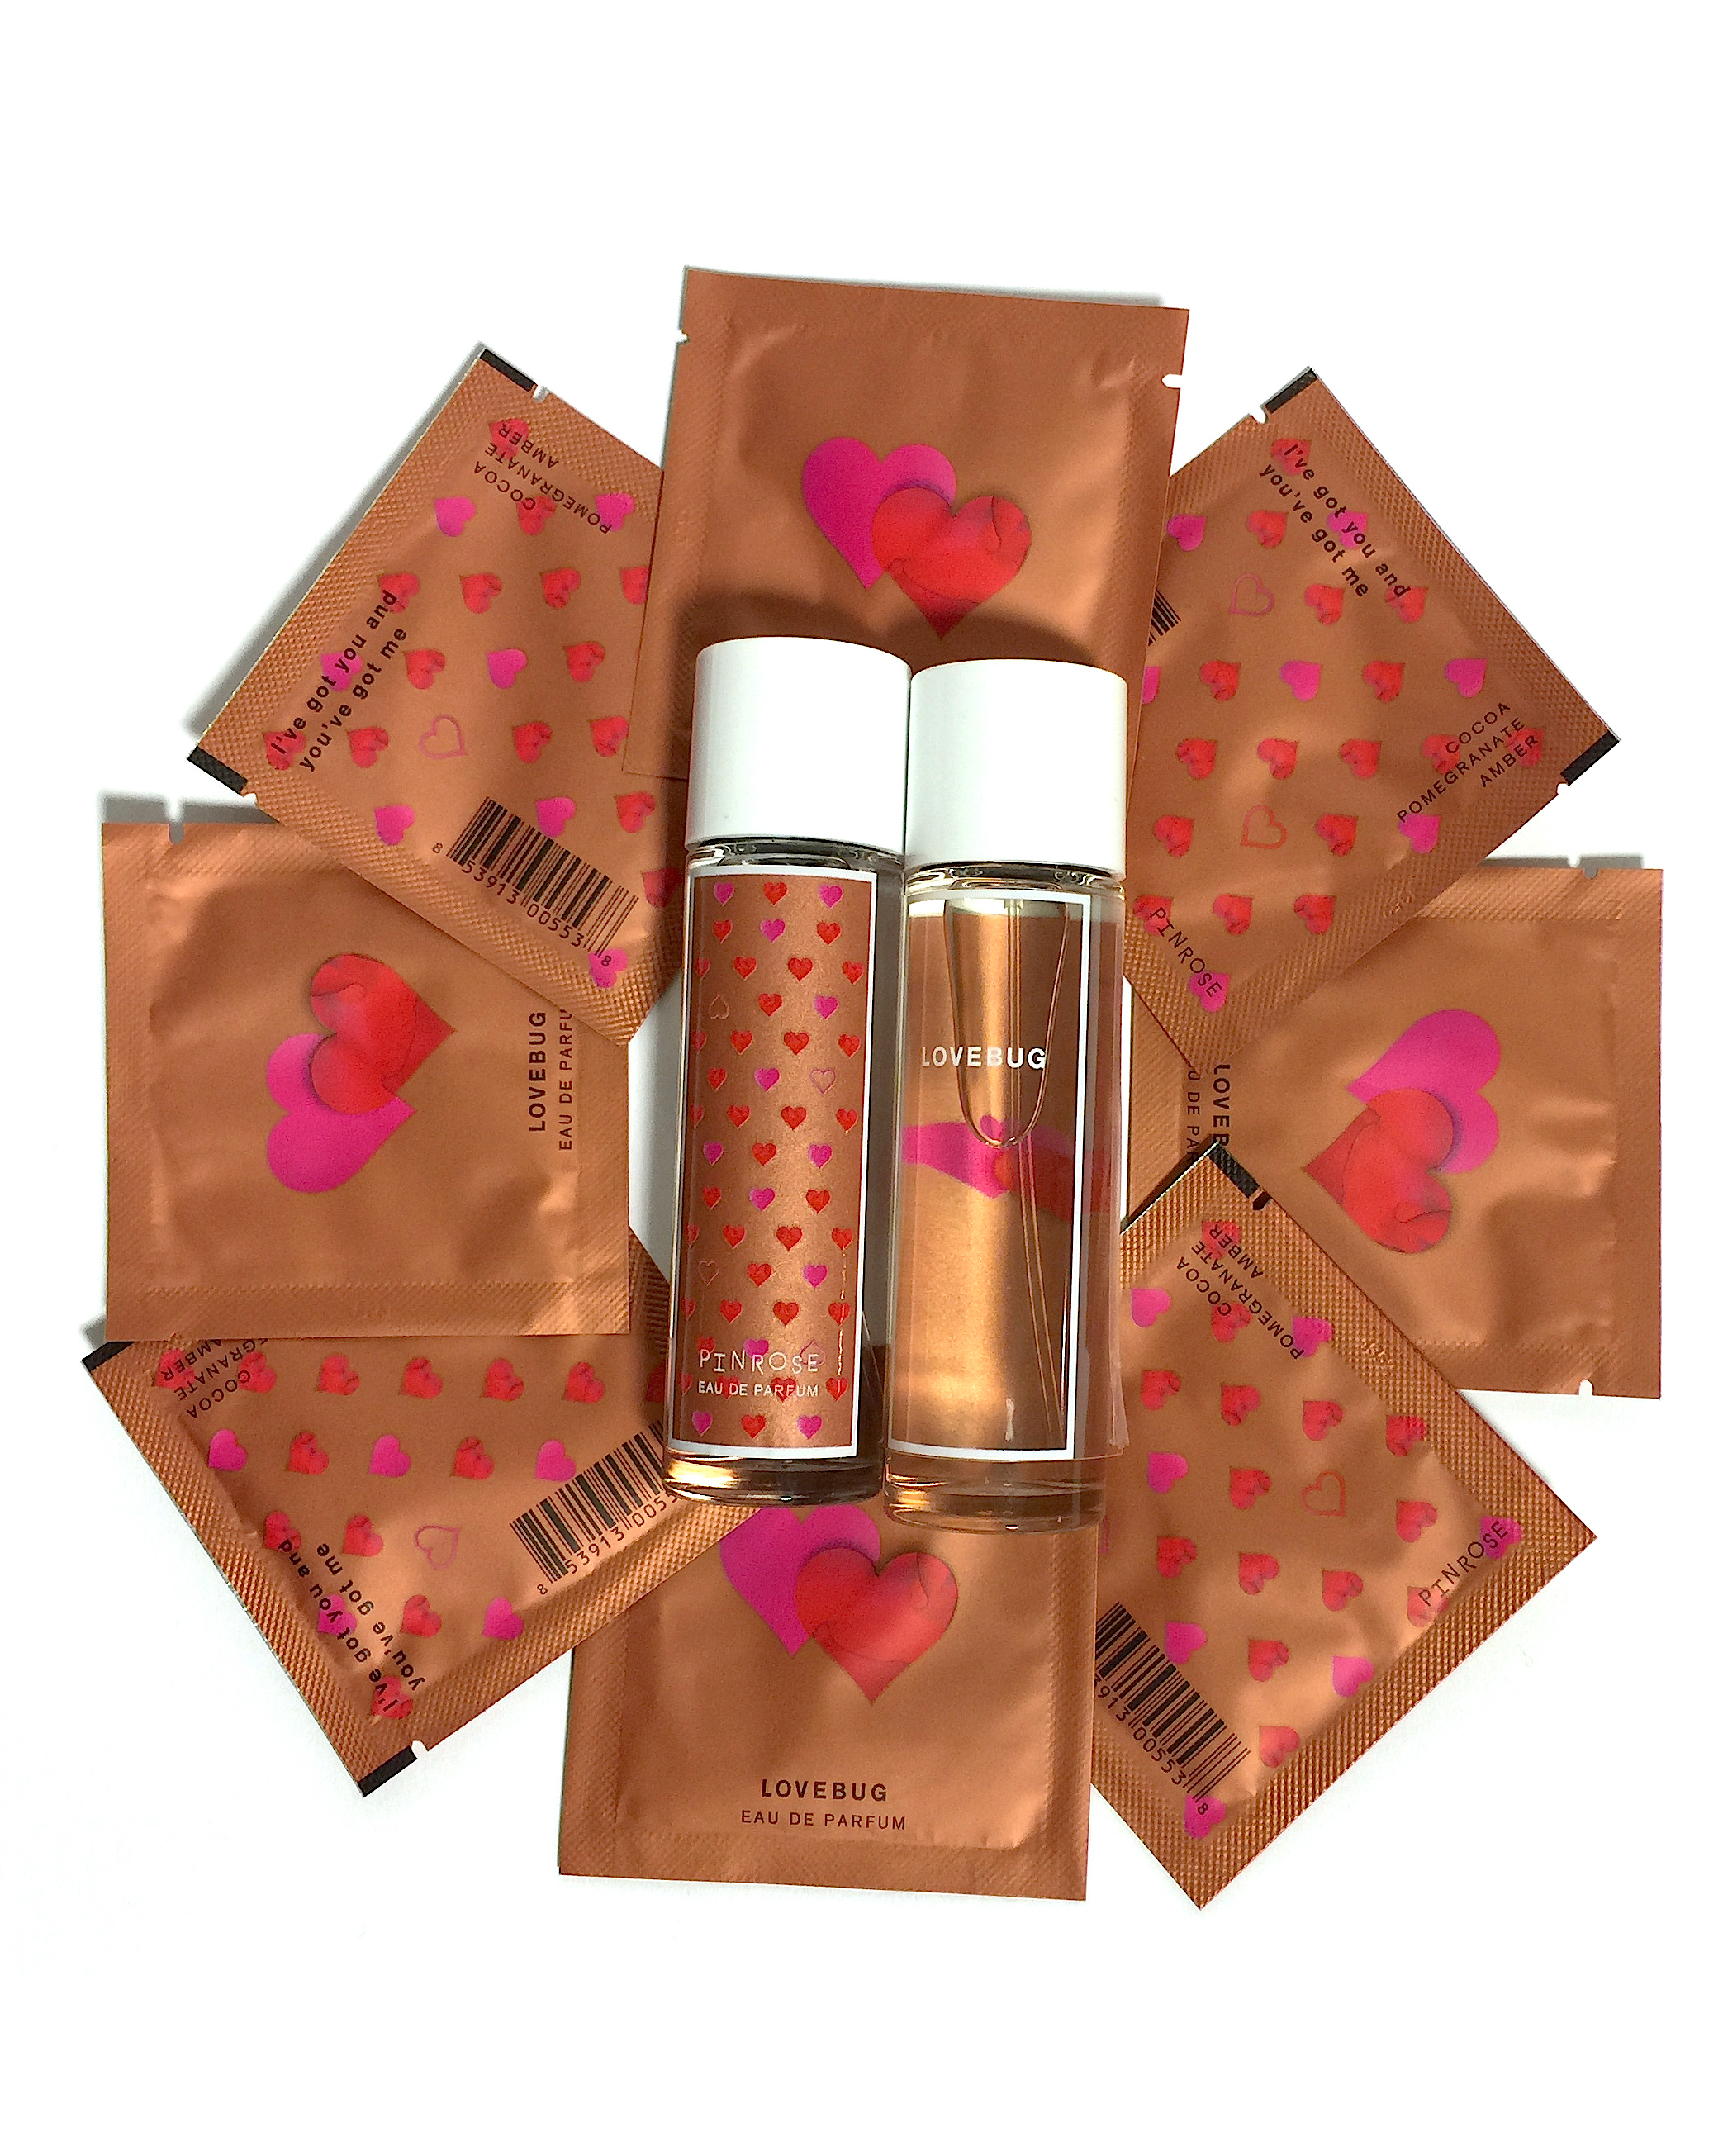 pinrose-fragrance-lovebug-bottles-0315.jpg